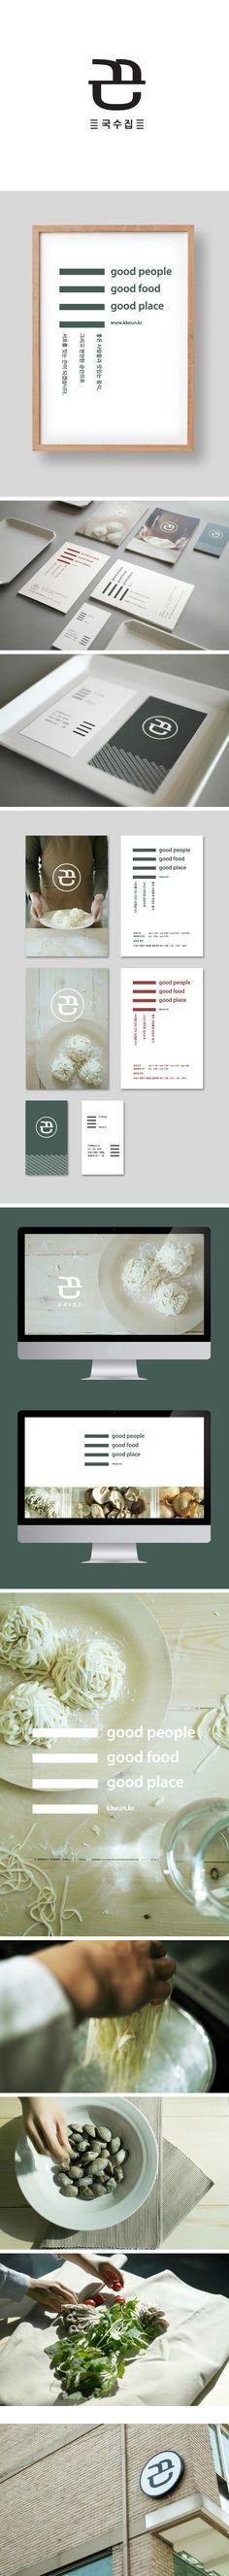 끈국수집 브랜드 디자인 www.wvdesign.kr